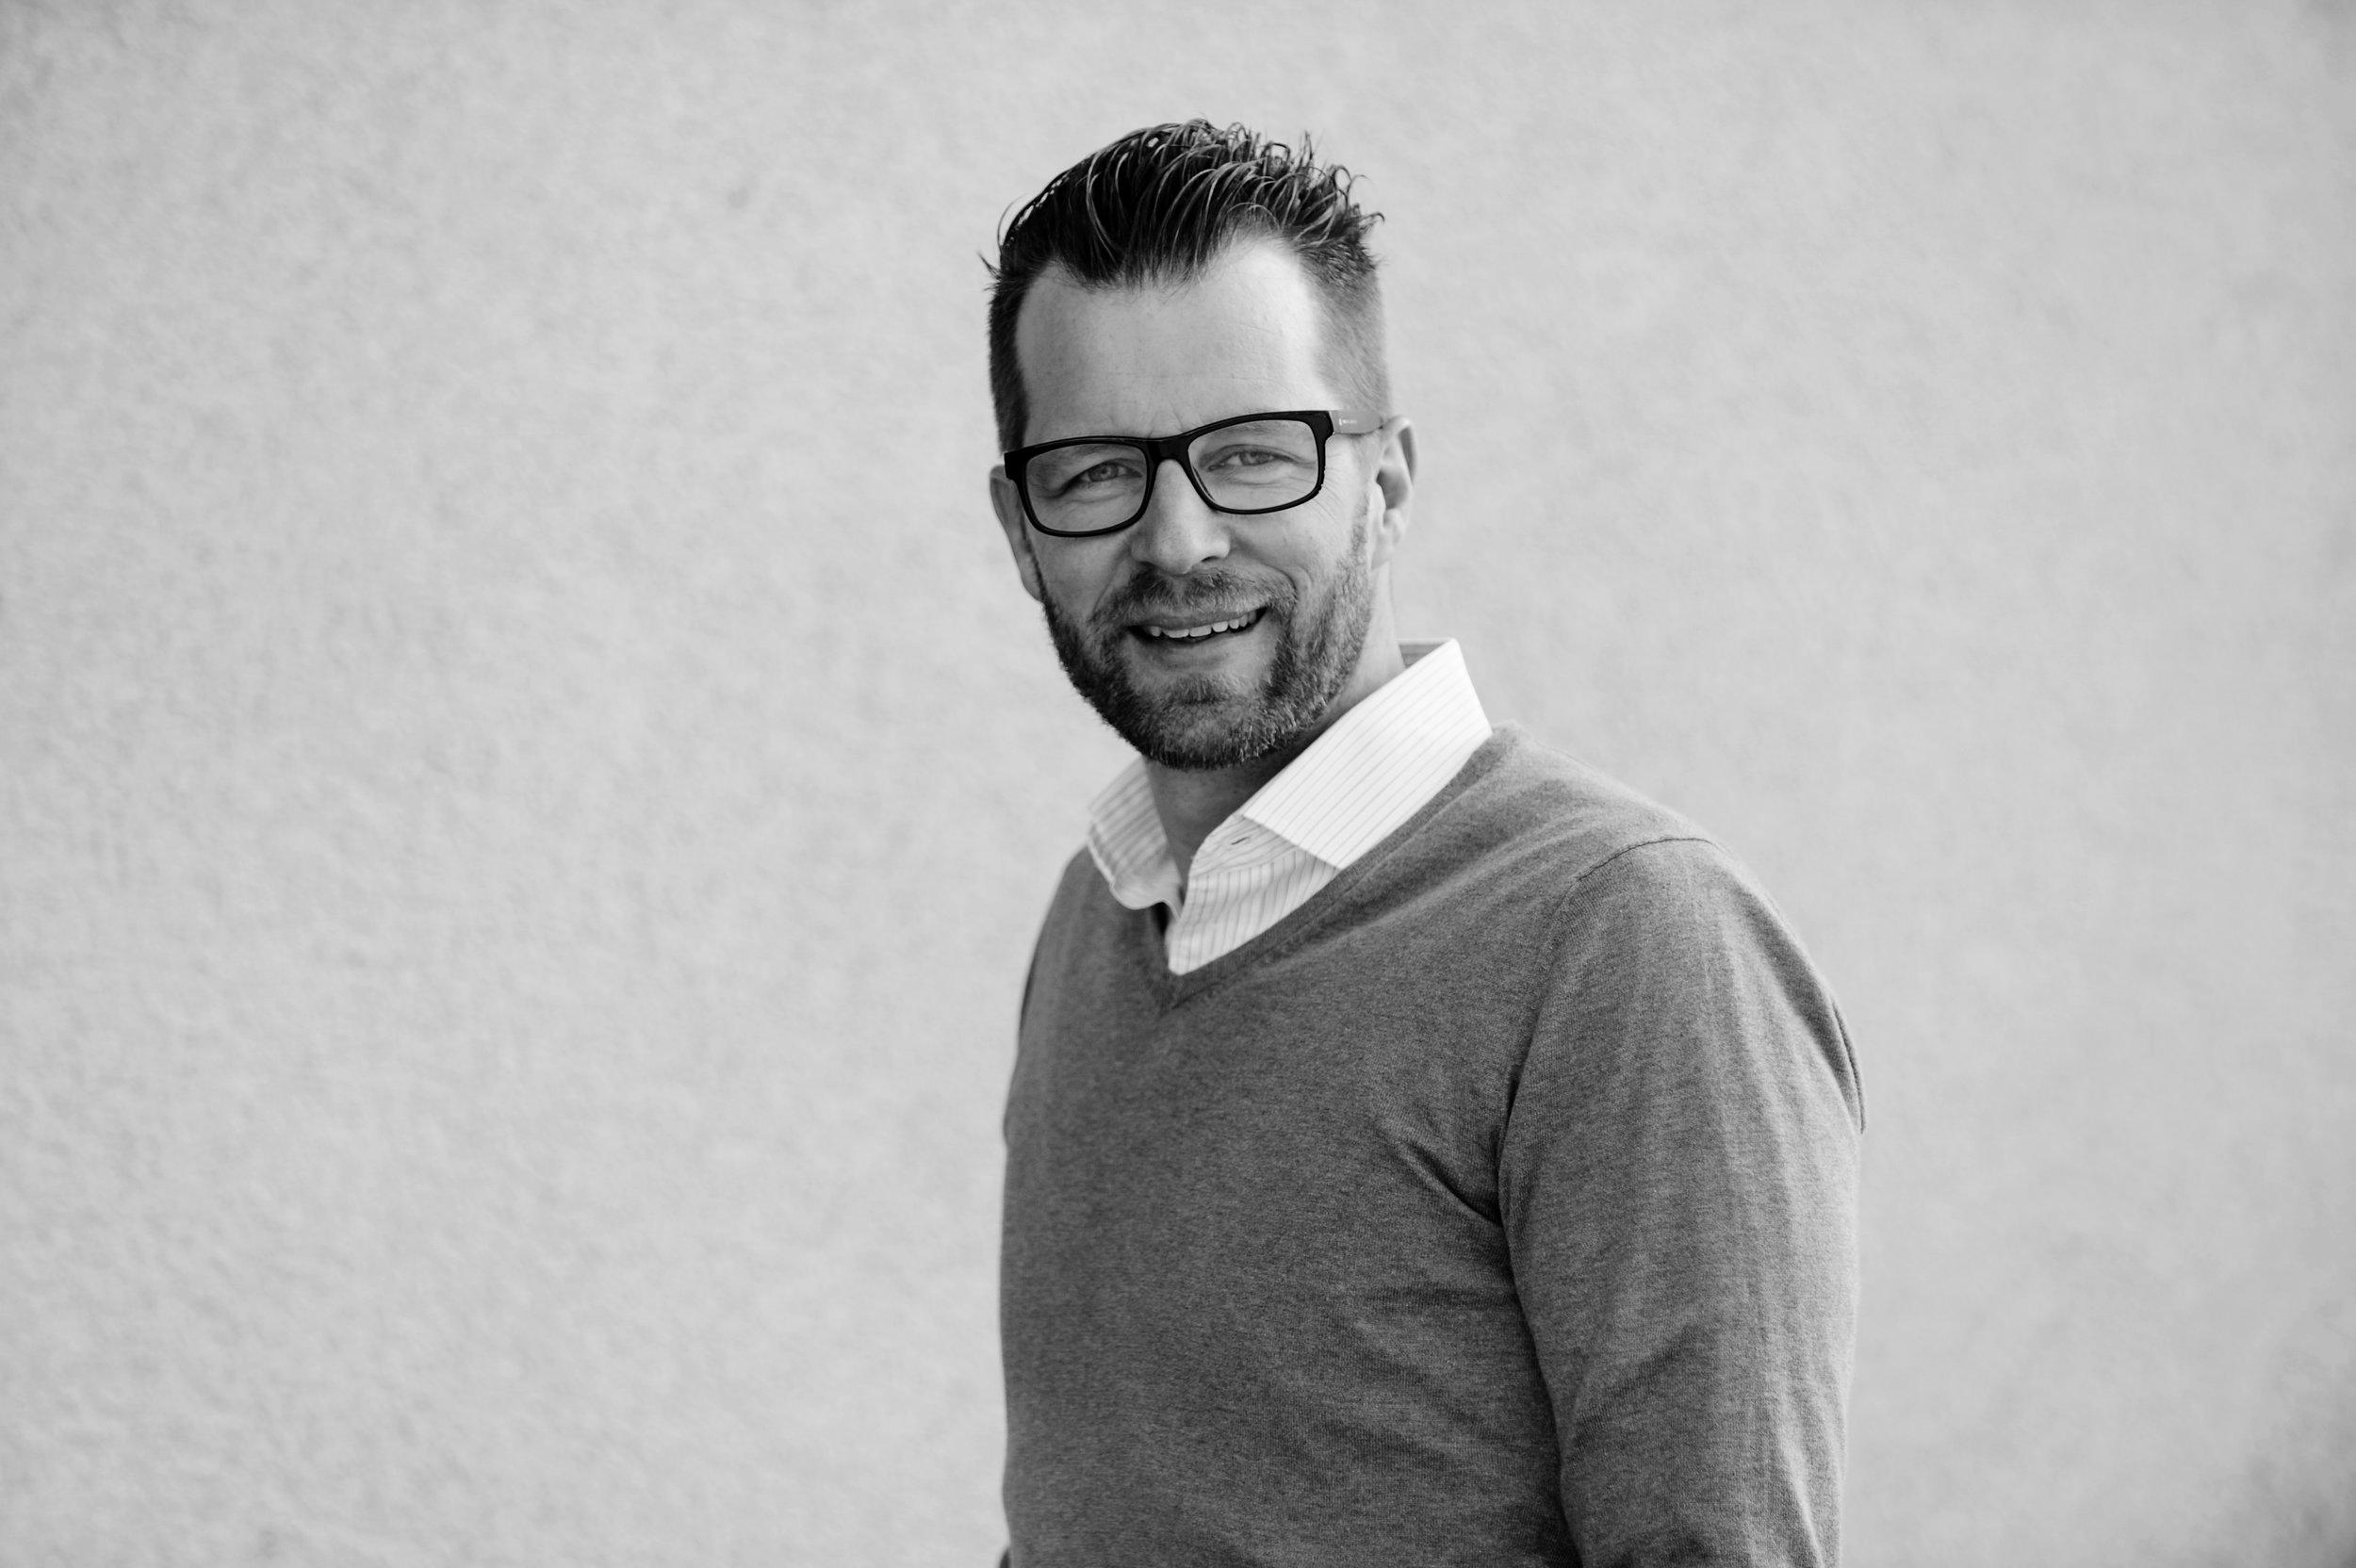 Stefan von Rüti, Leiter ISTL - «Ich freue mich, dass wir mit Confession ein gemeinsames Schulungsangebot anbieten können mit dem Schwerpunkt Evangelisation. Ich setze mich dafür ein, dass mit dieser Schule die evangelistische Speerspitze in unserem Land noch stärker zum Vorschein kommt.»